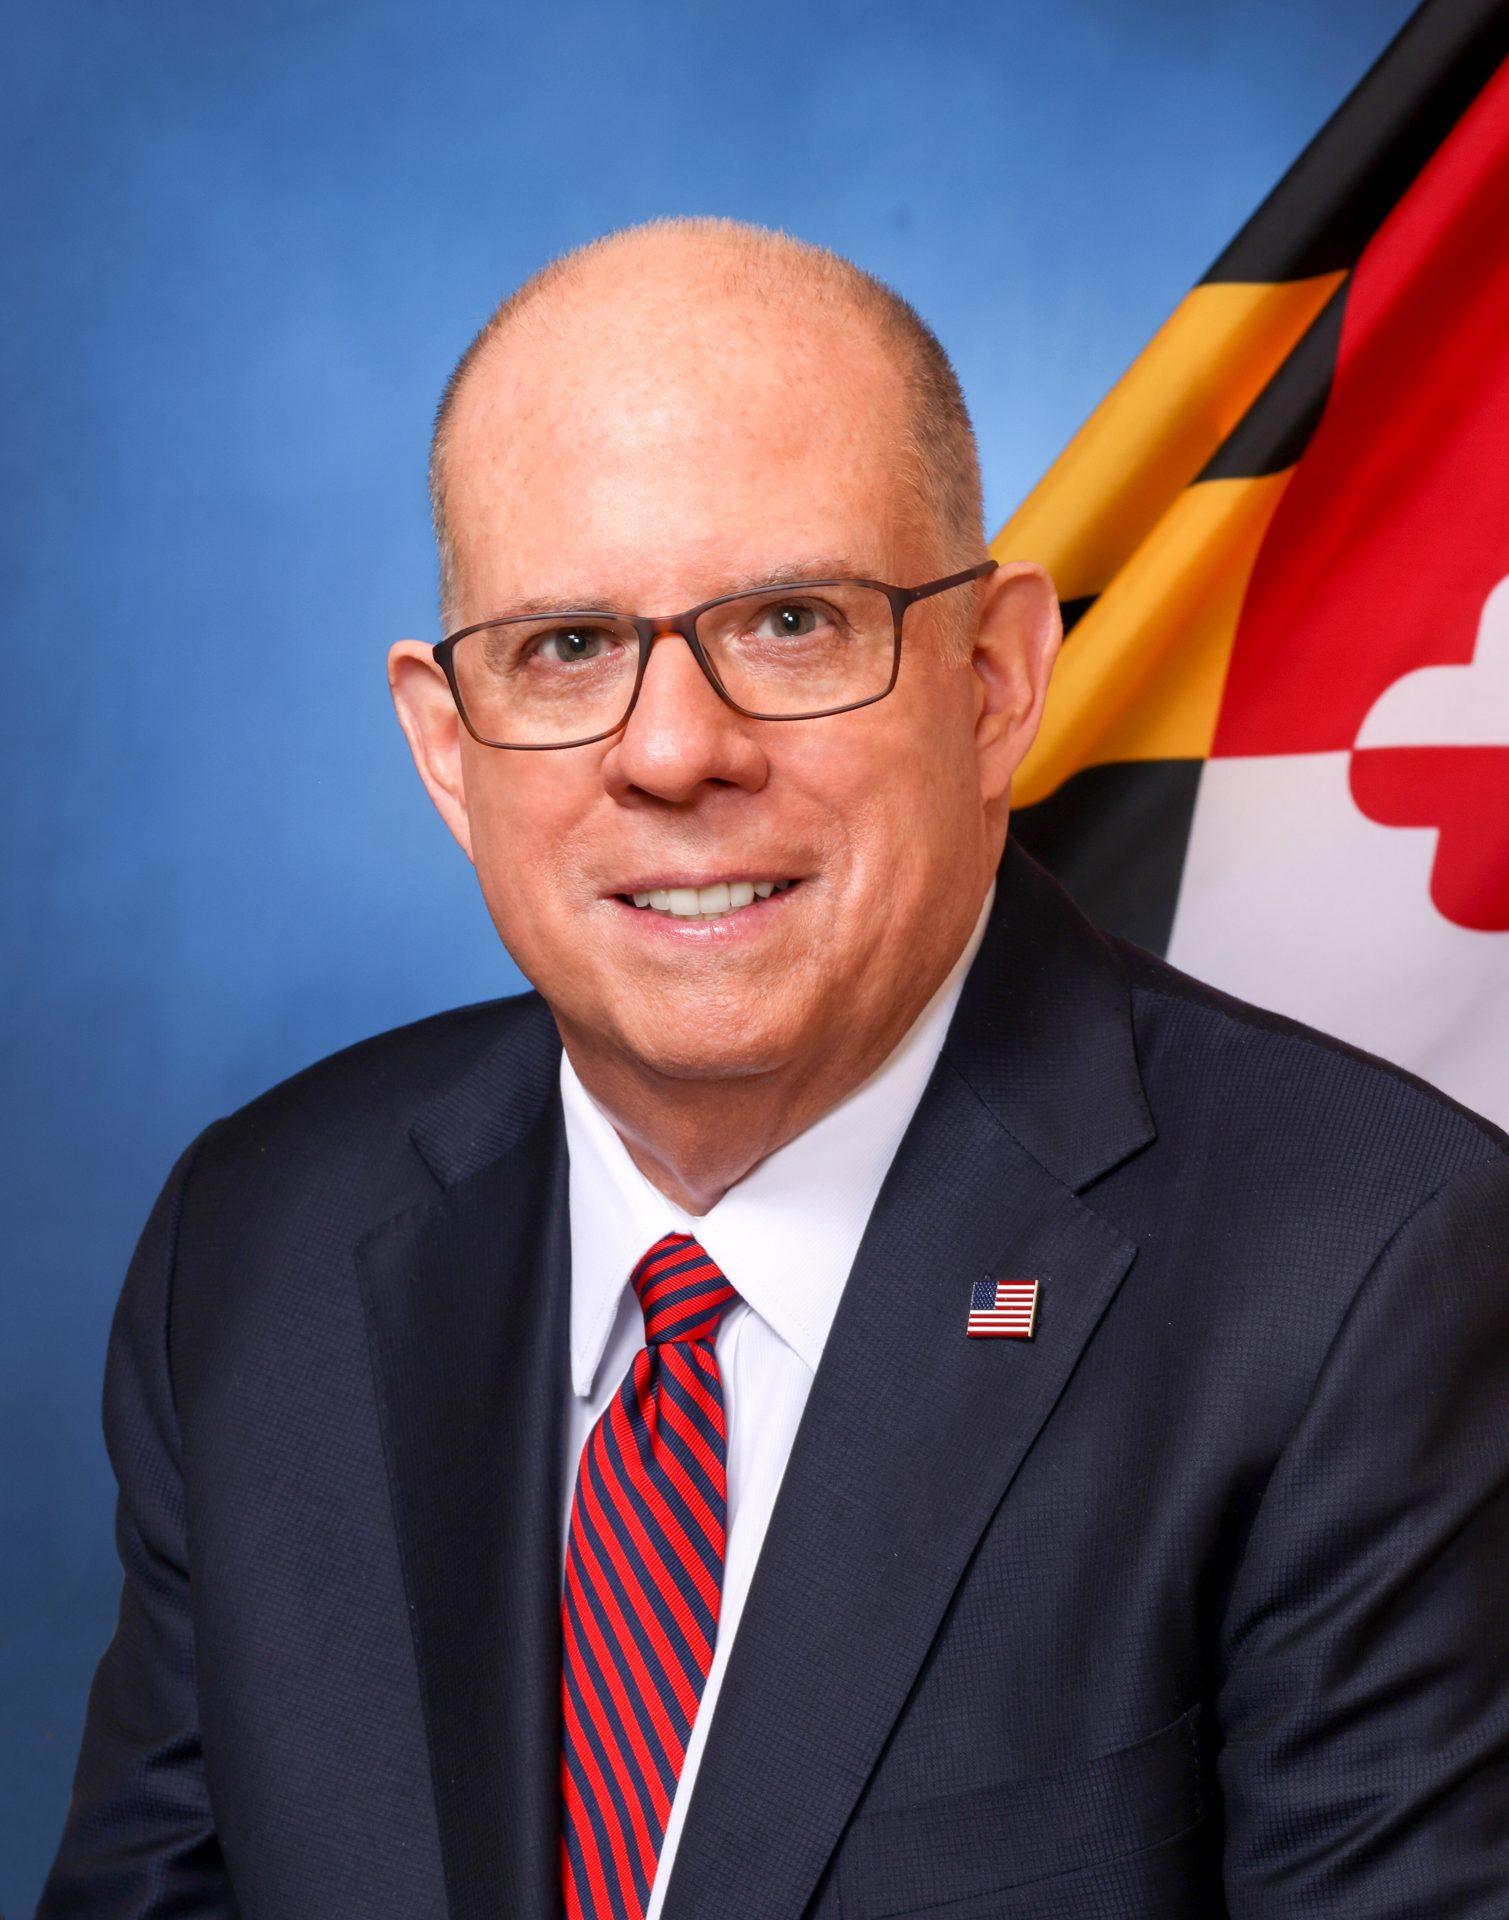 Governor Hogan to Give Closing Address at 2021 Summer #MACoCon